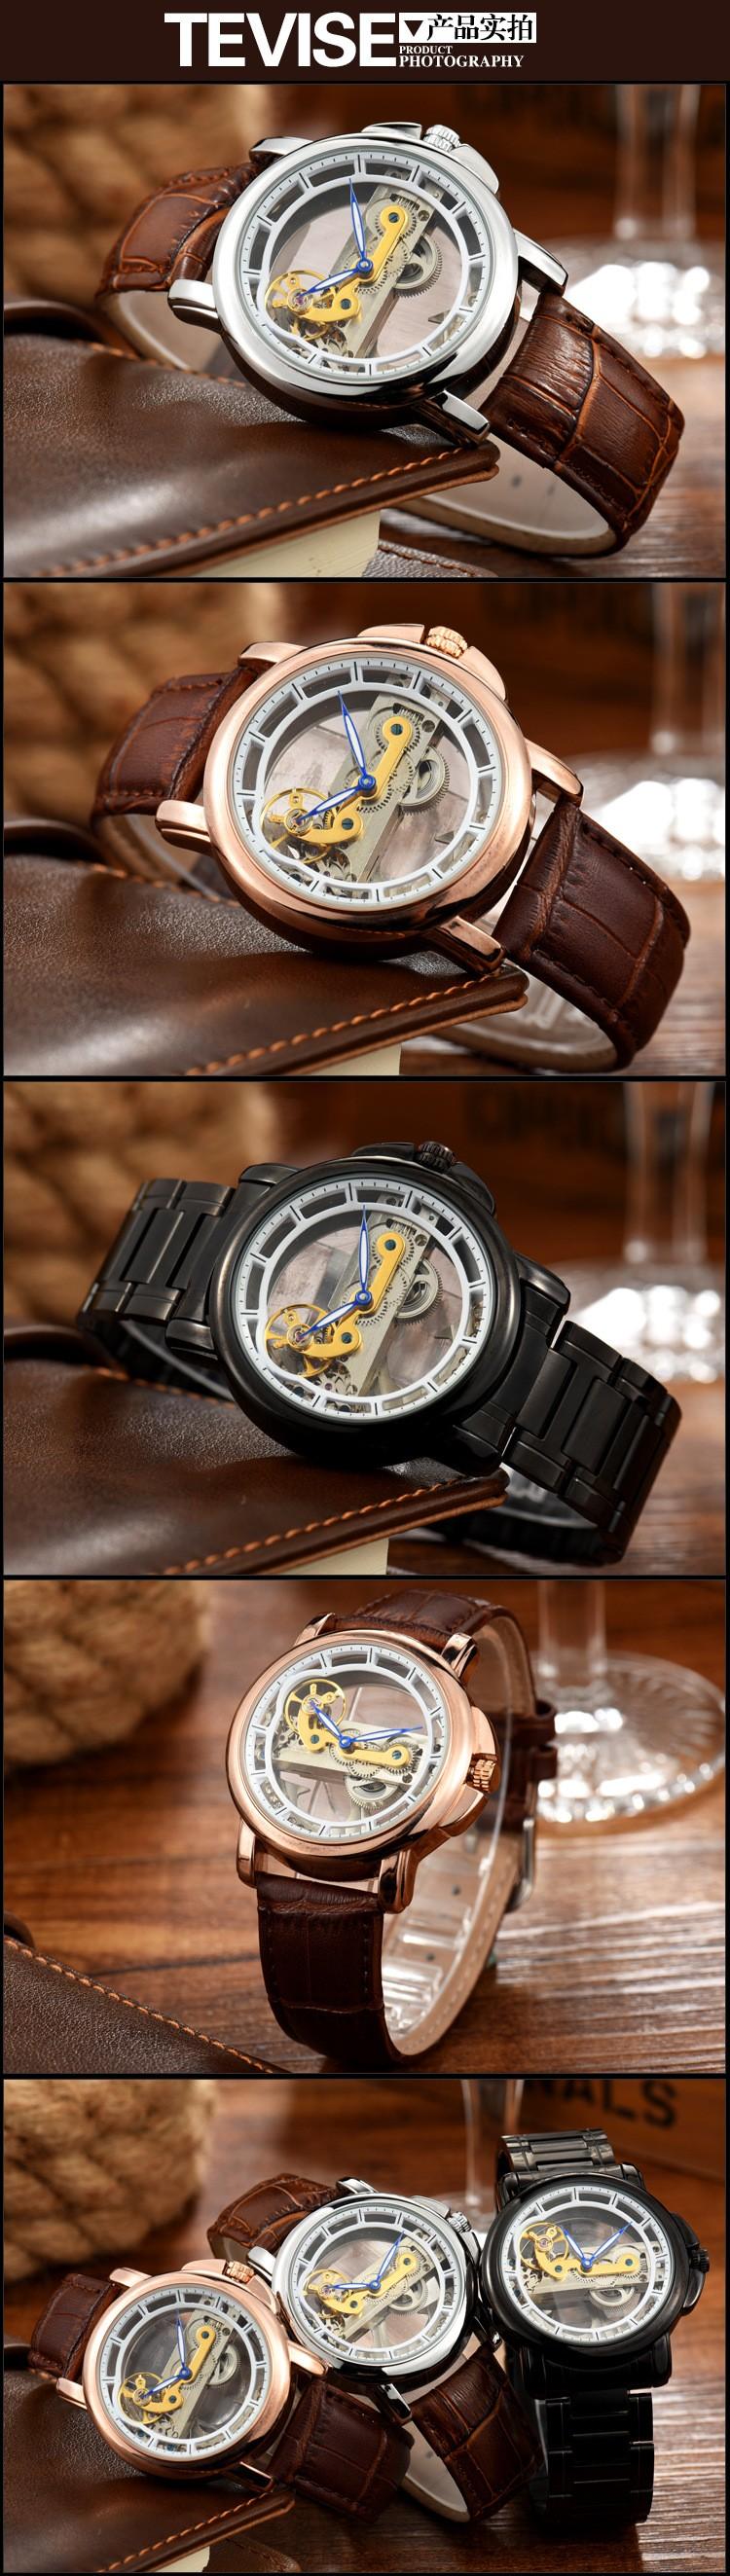 Мужские часы подлинные TEVISE бренды часы водонепроницаемый мода механические автоматические наручные часы